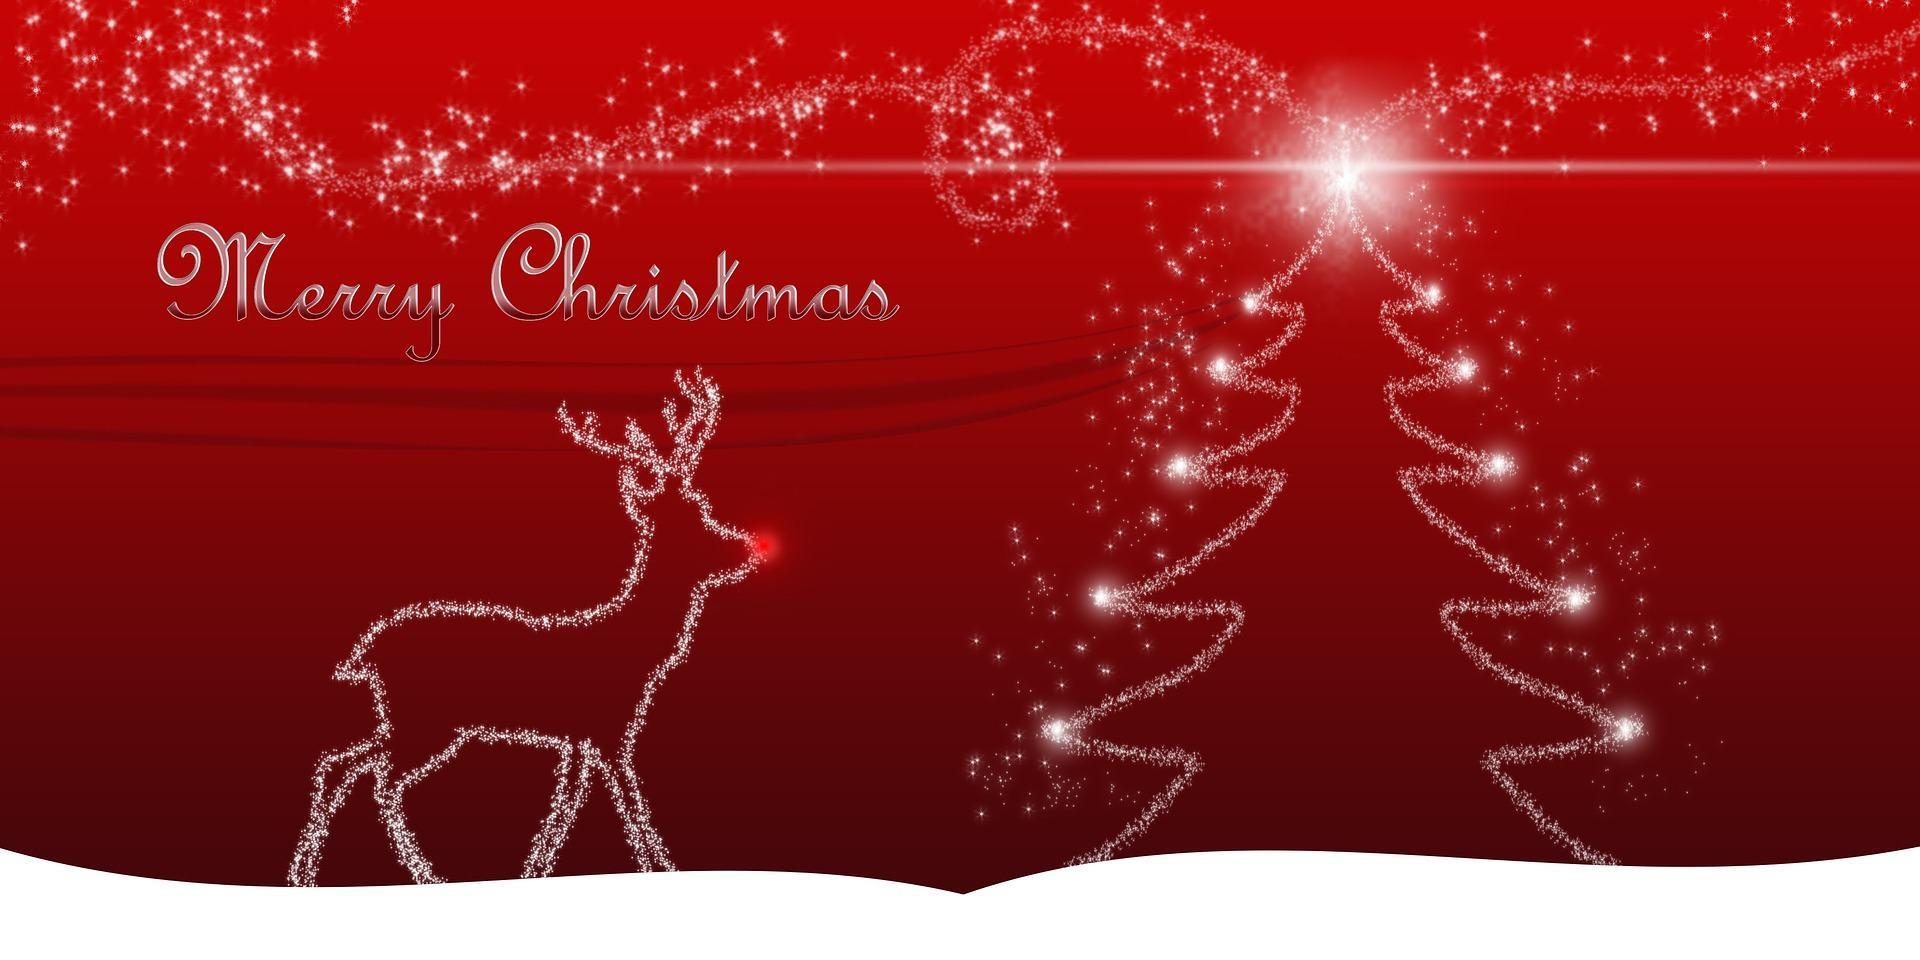 Hochwertige Weihnachtsgeschenke für Kunden & Mitarbeiter